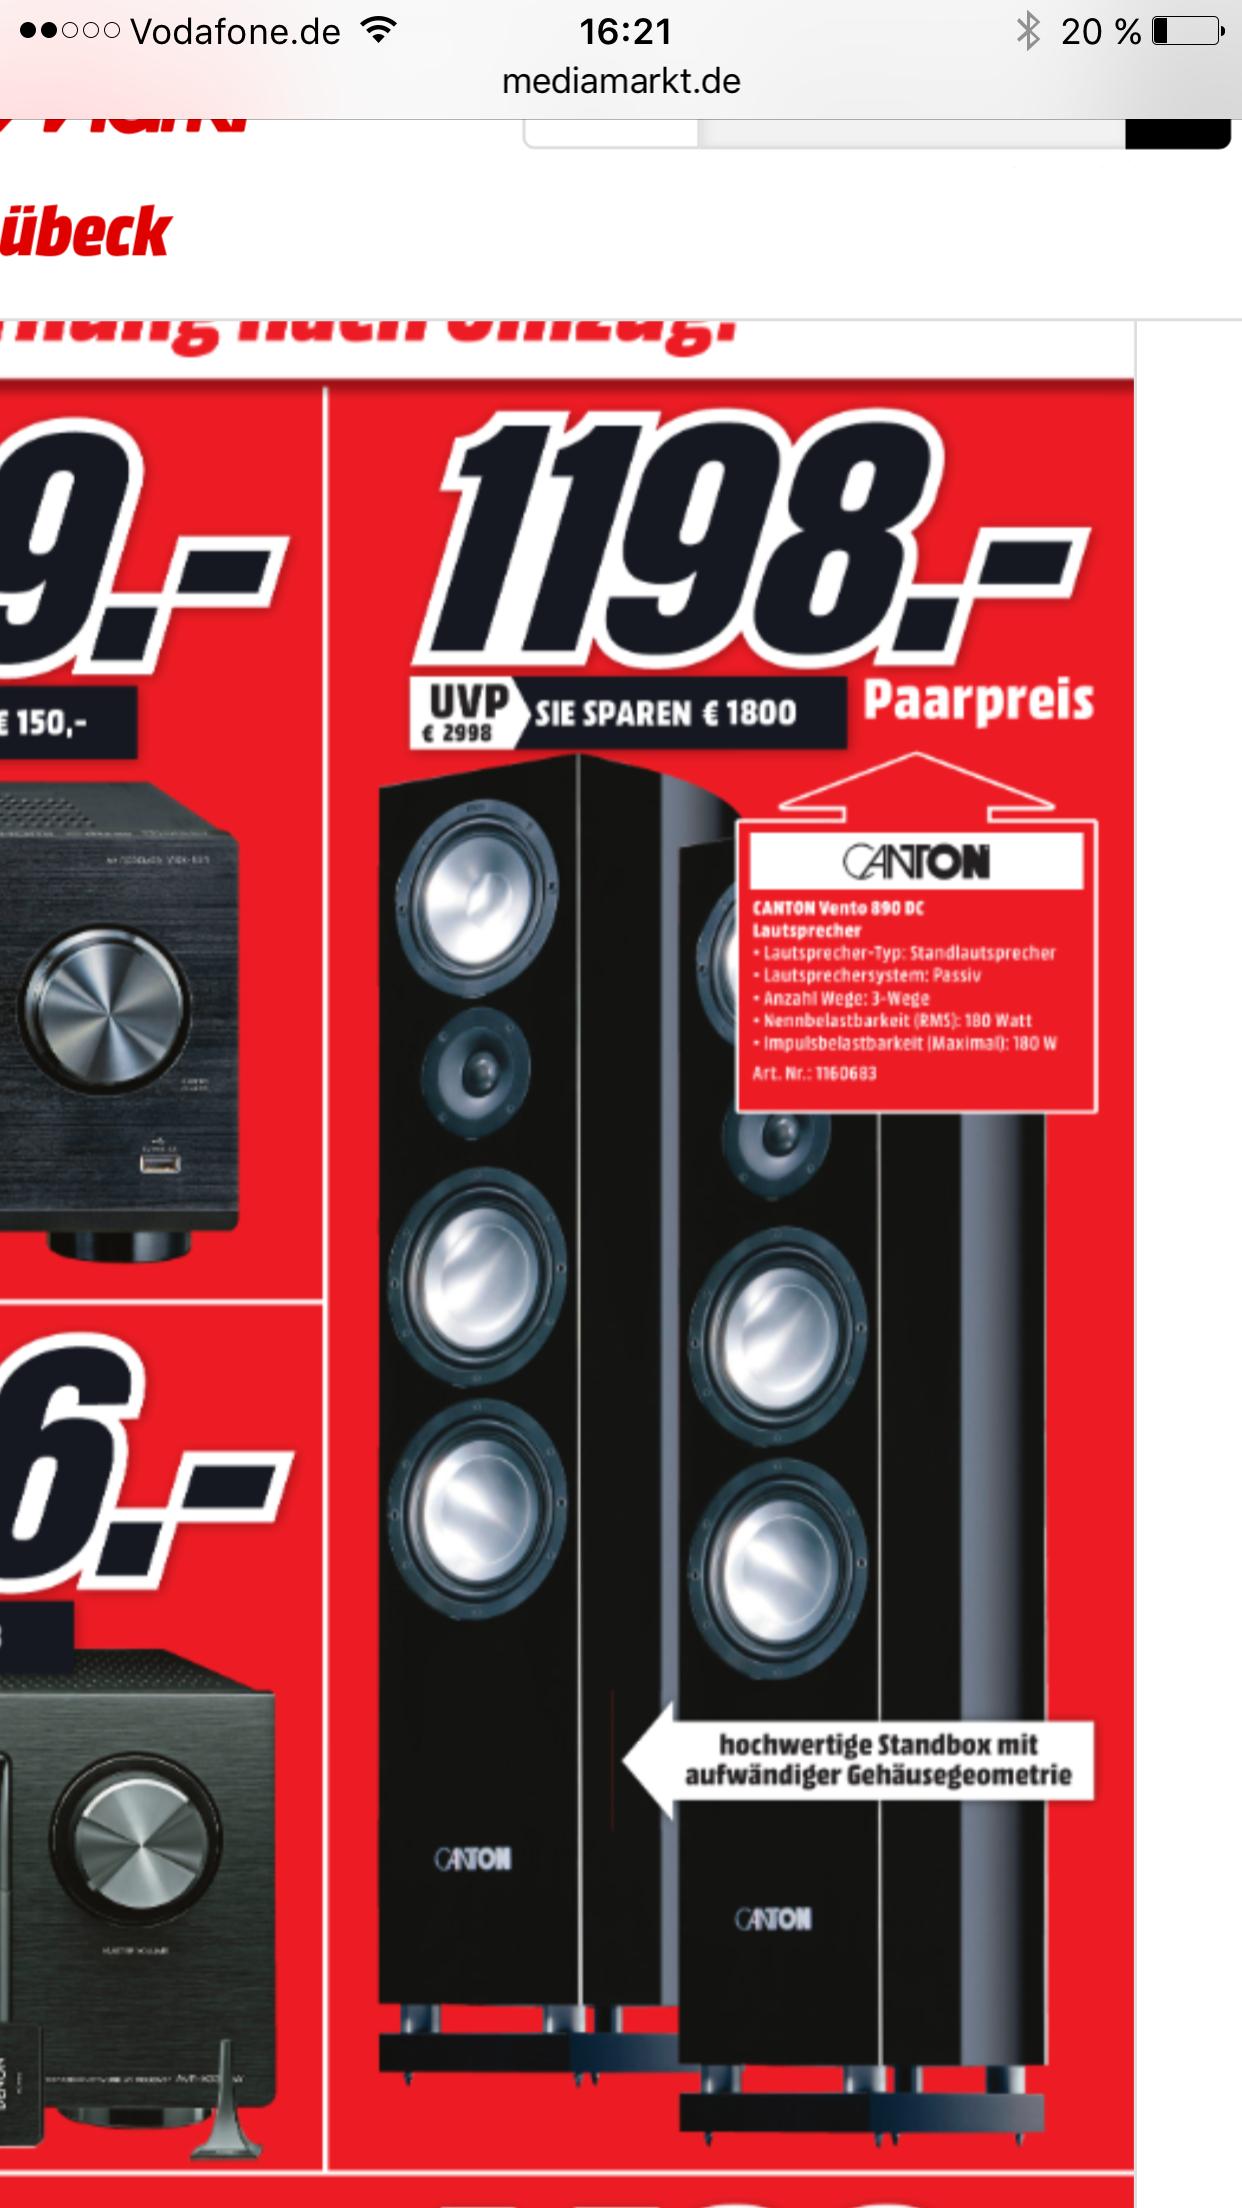 Canton Vento 890 schwarz Stück für 599,- €  Paar 1198,- € Media Markt Lübeck Neueröffnung